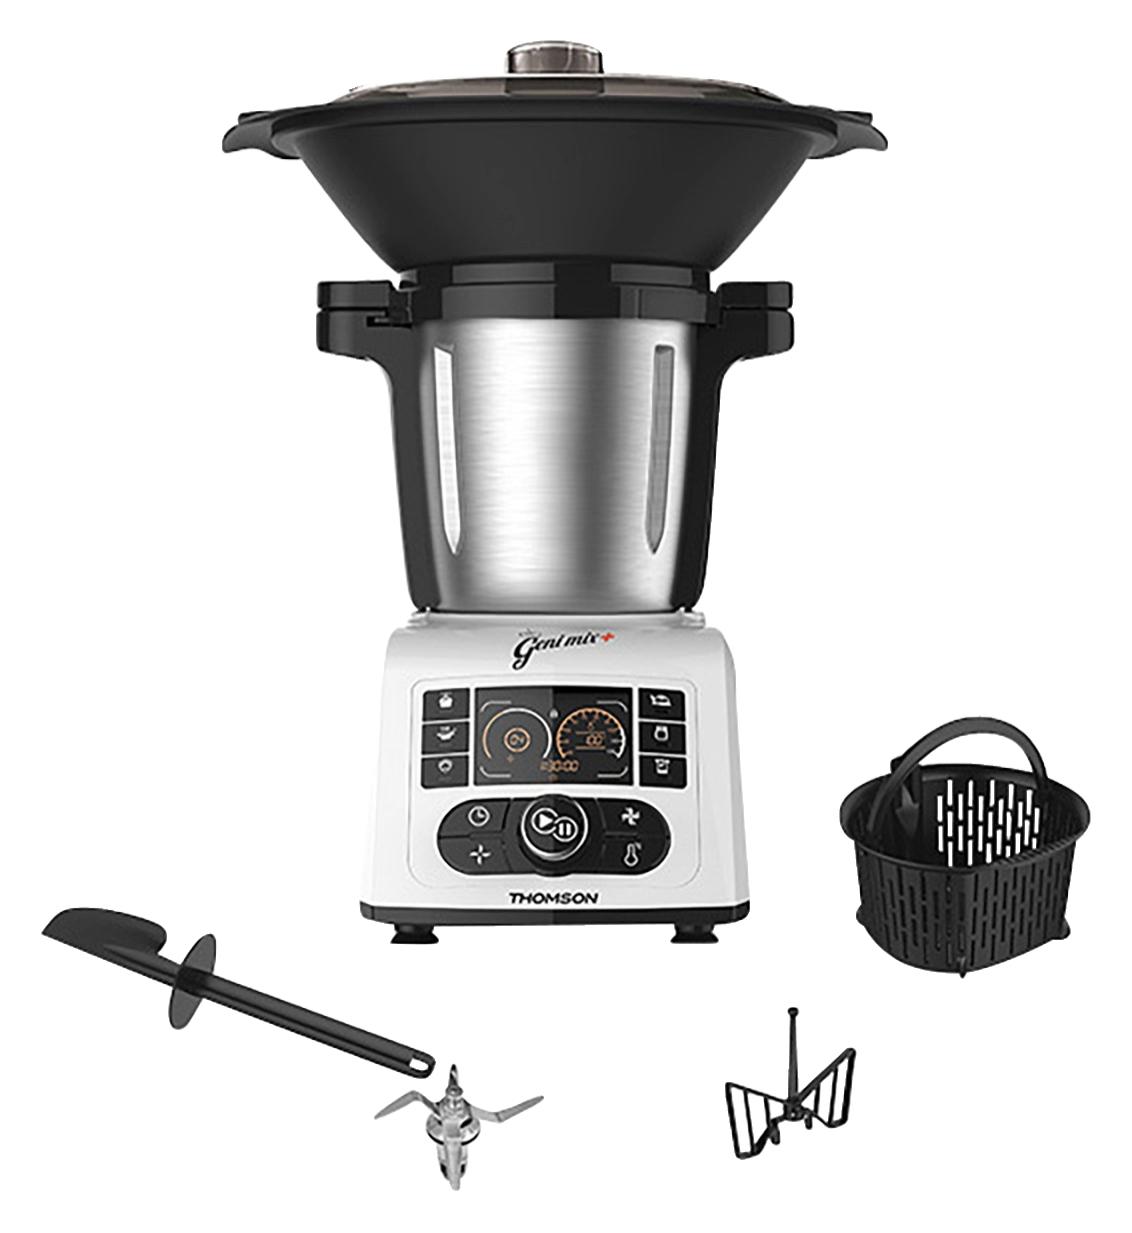 Robot-cuiseur Thomson Genimix (1500 W) + accessoires